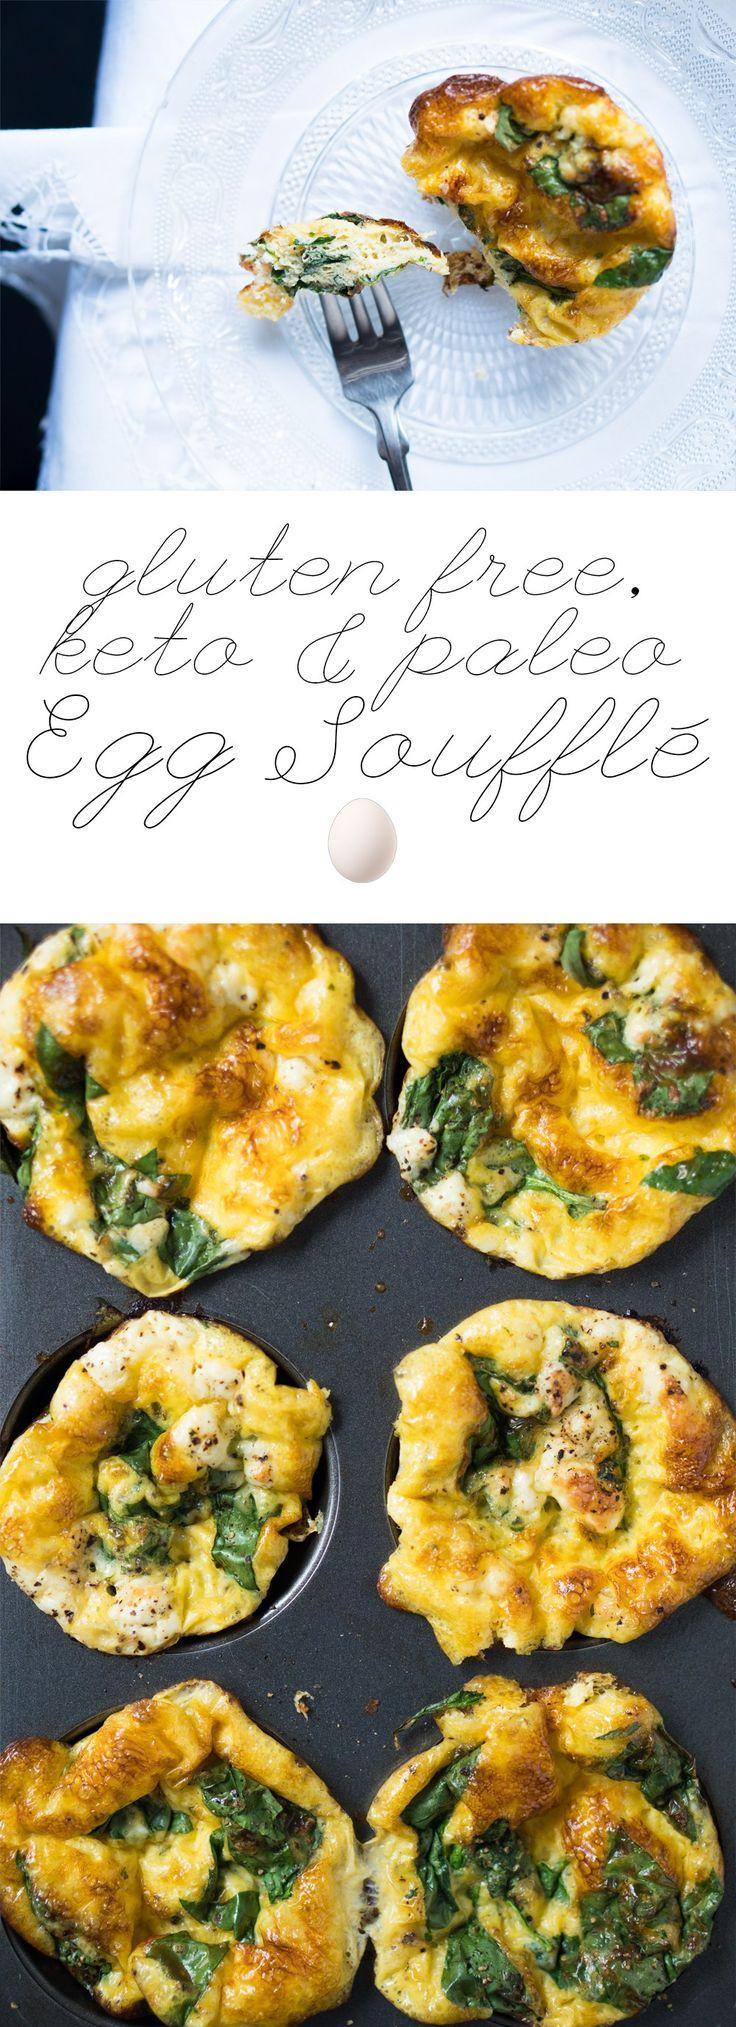 Breakfast Egg Soufflé Cups gluten free, keto & paleo